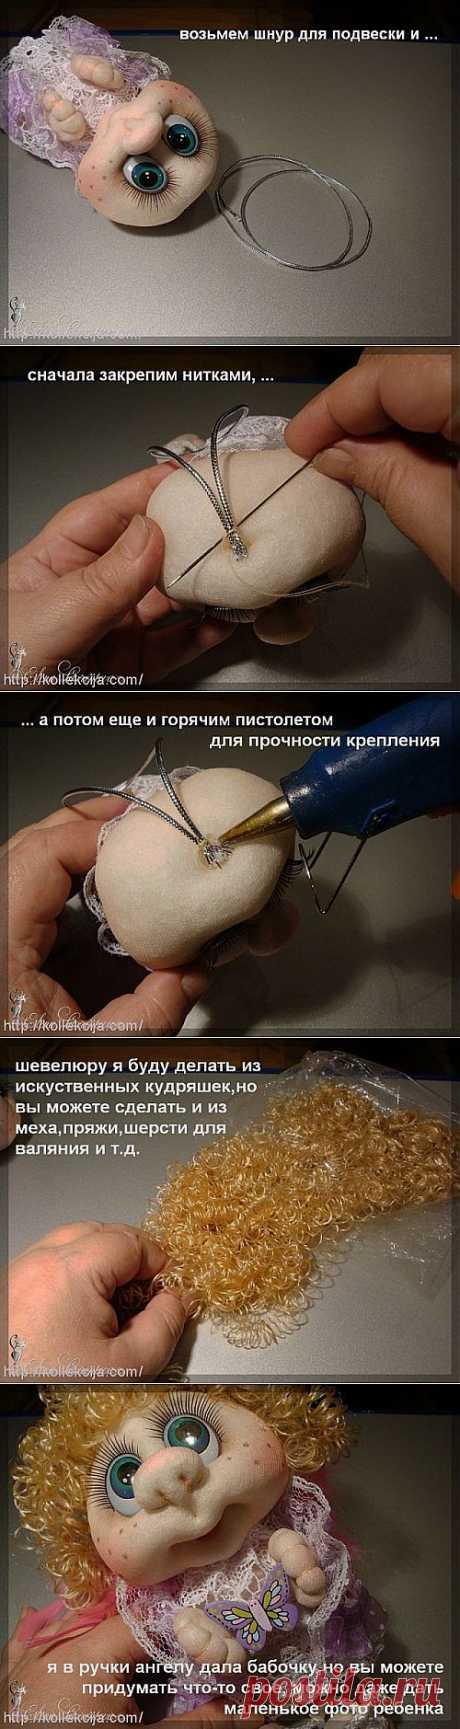 Волосы для куклы из колготок. Автор Елена Лаврентьева. | Своими руками